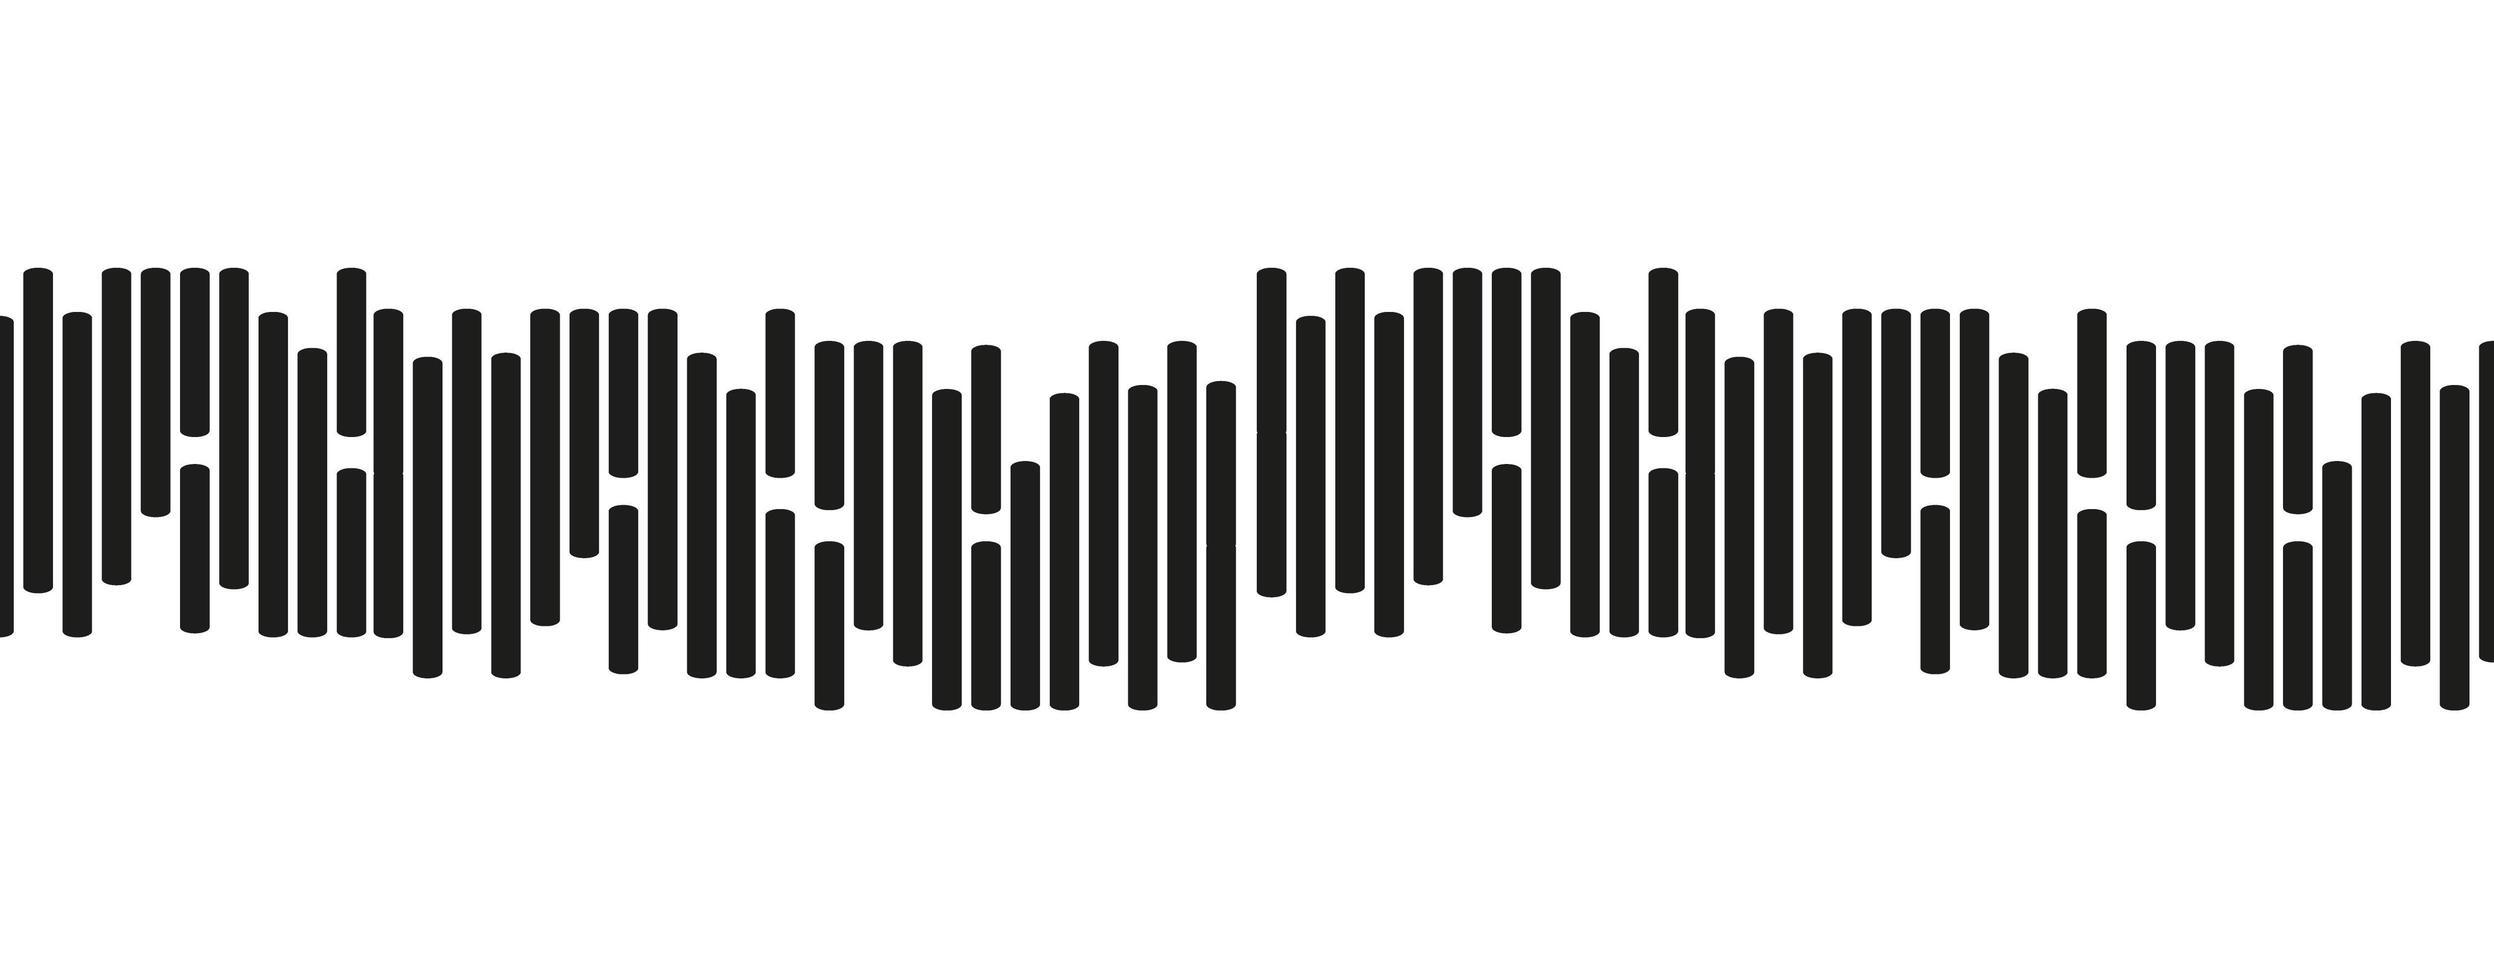 mini linea di onde sonore su sfondo bianco vettore